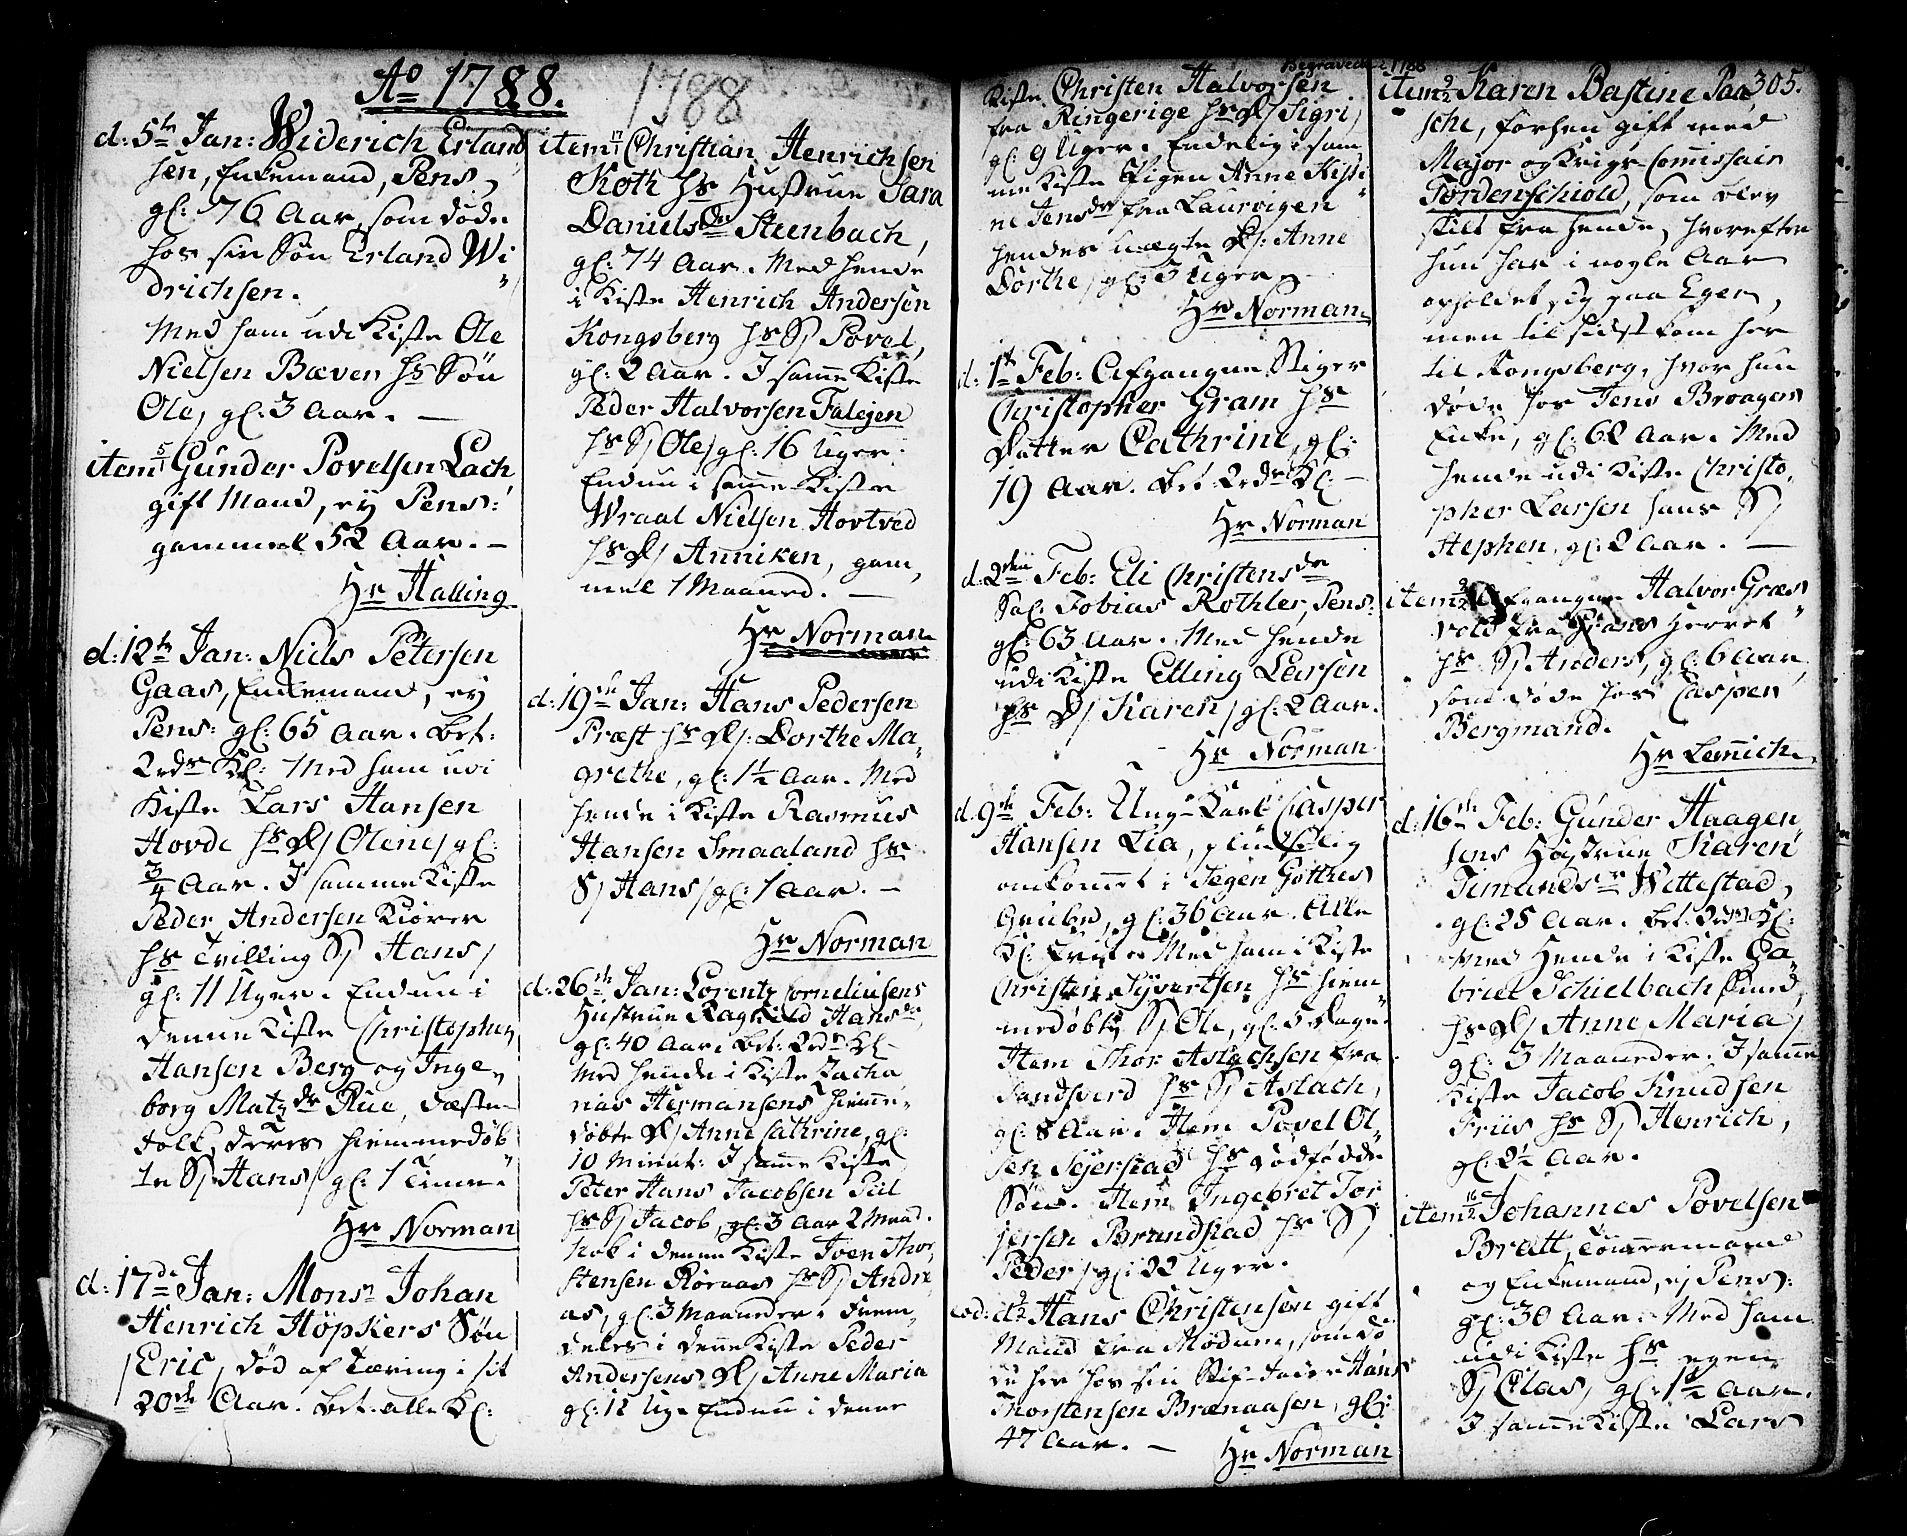 SAKO, Kongsberg kirkebøker, F/Fa/L0006: Ministerialbok nr. I 6, 1783-1797, s. 305